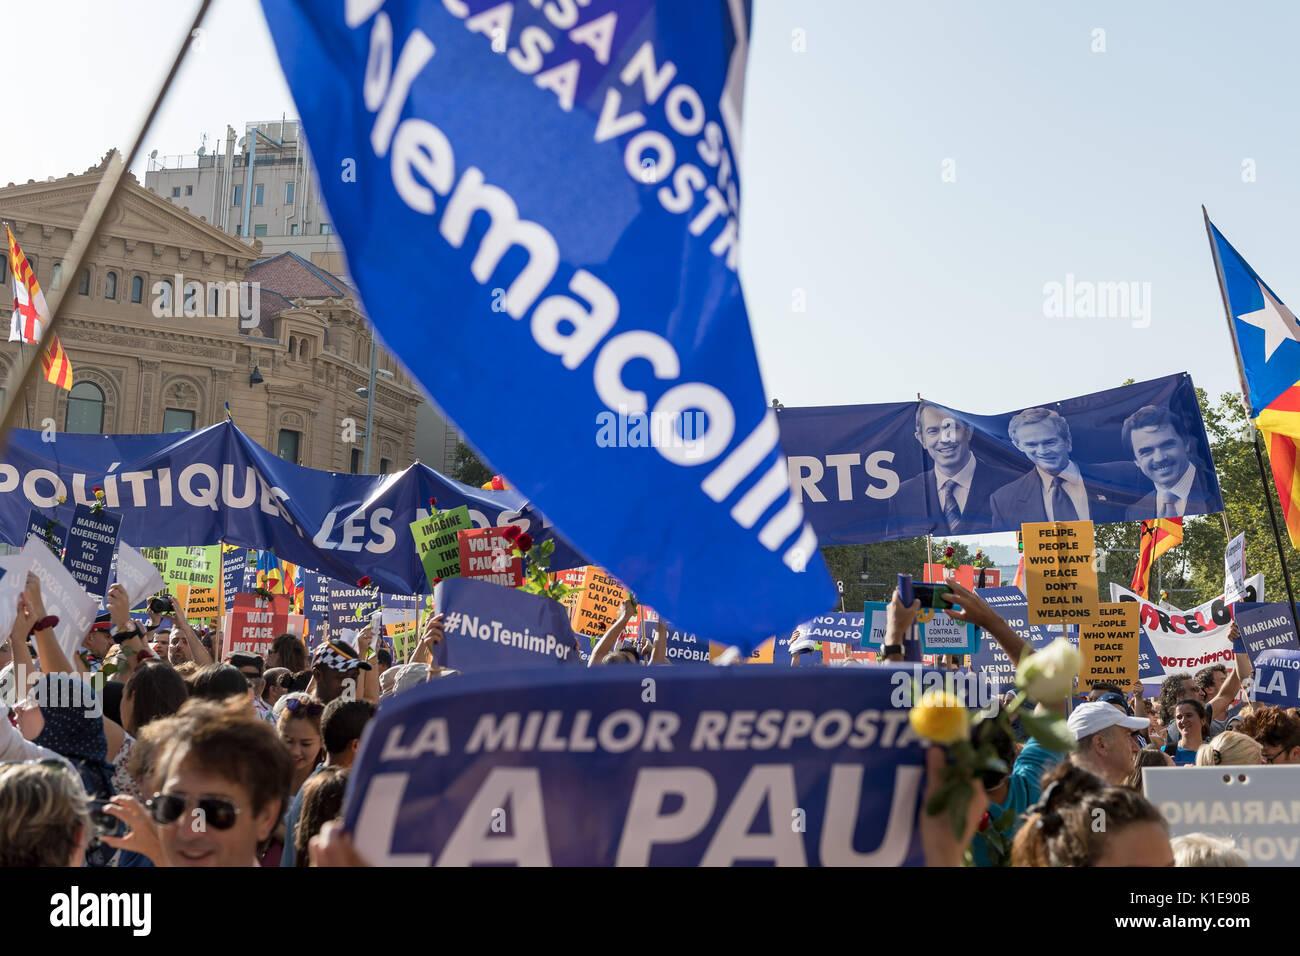 Barcelone, Espagne. Août 26, 2017. Un rassemblement se tiendra à Barcelone, une semaine après les attentats qui ont secoué la ville. L'événement d'aujourd'hui est de montrer notre solidarité avec les victimes de l'attaque. Crédit: Fabrizio Cortesi/Alamy Live News Banque D'Images